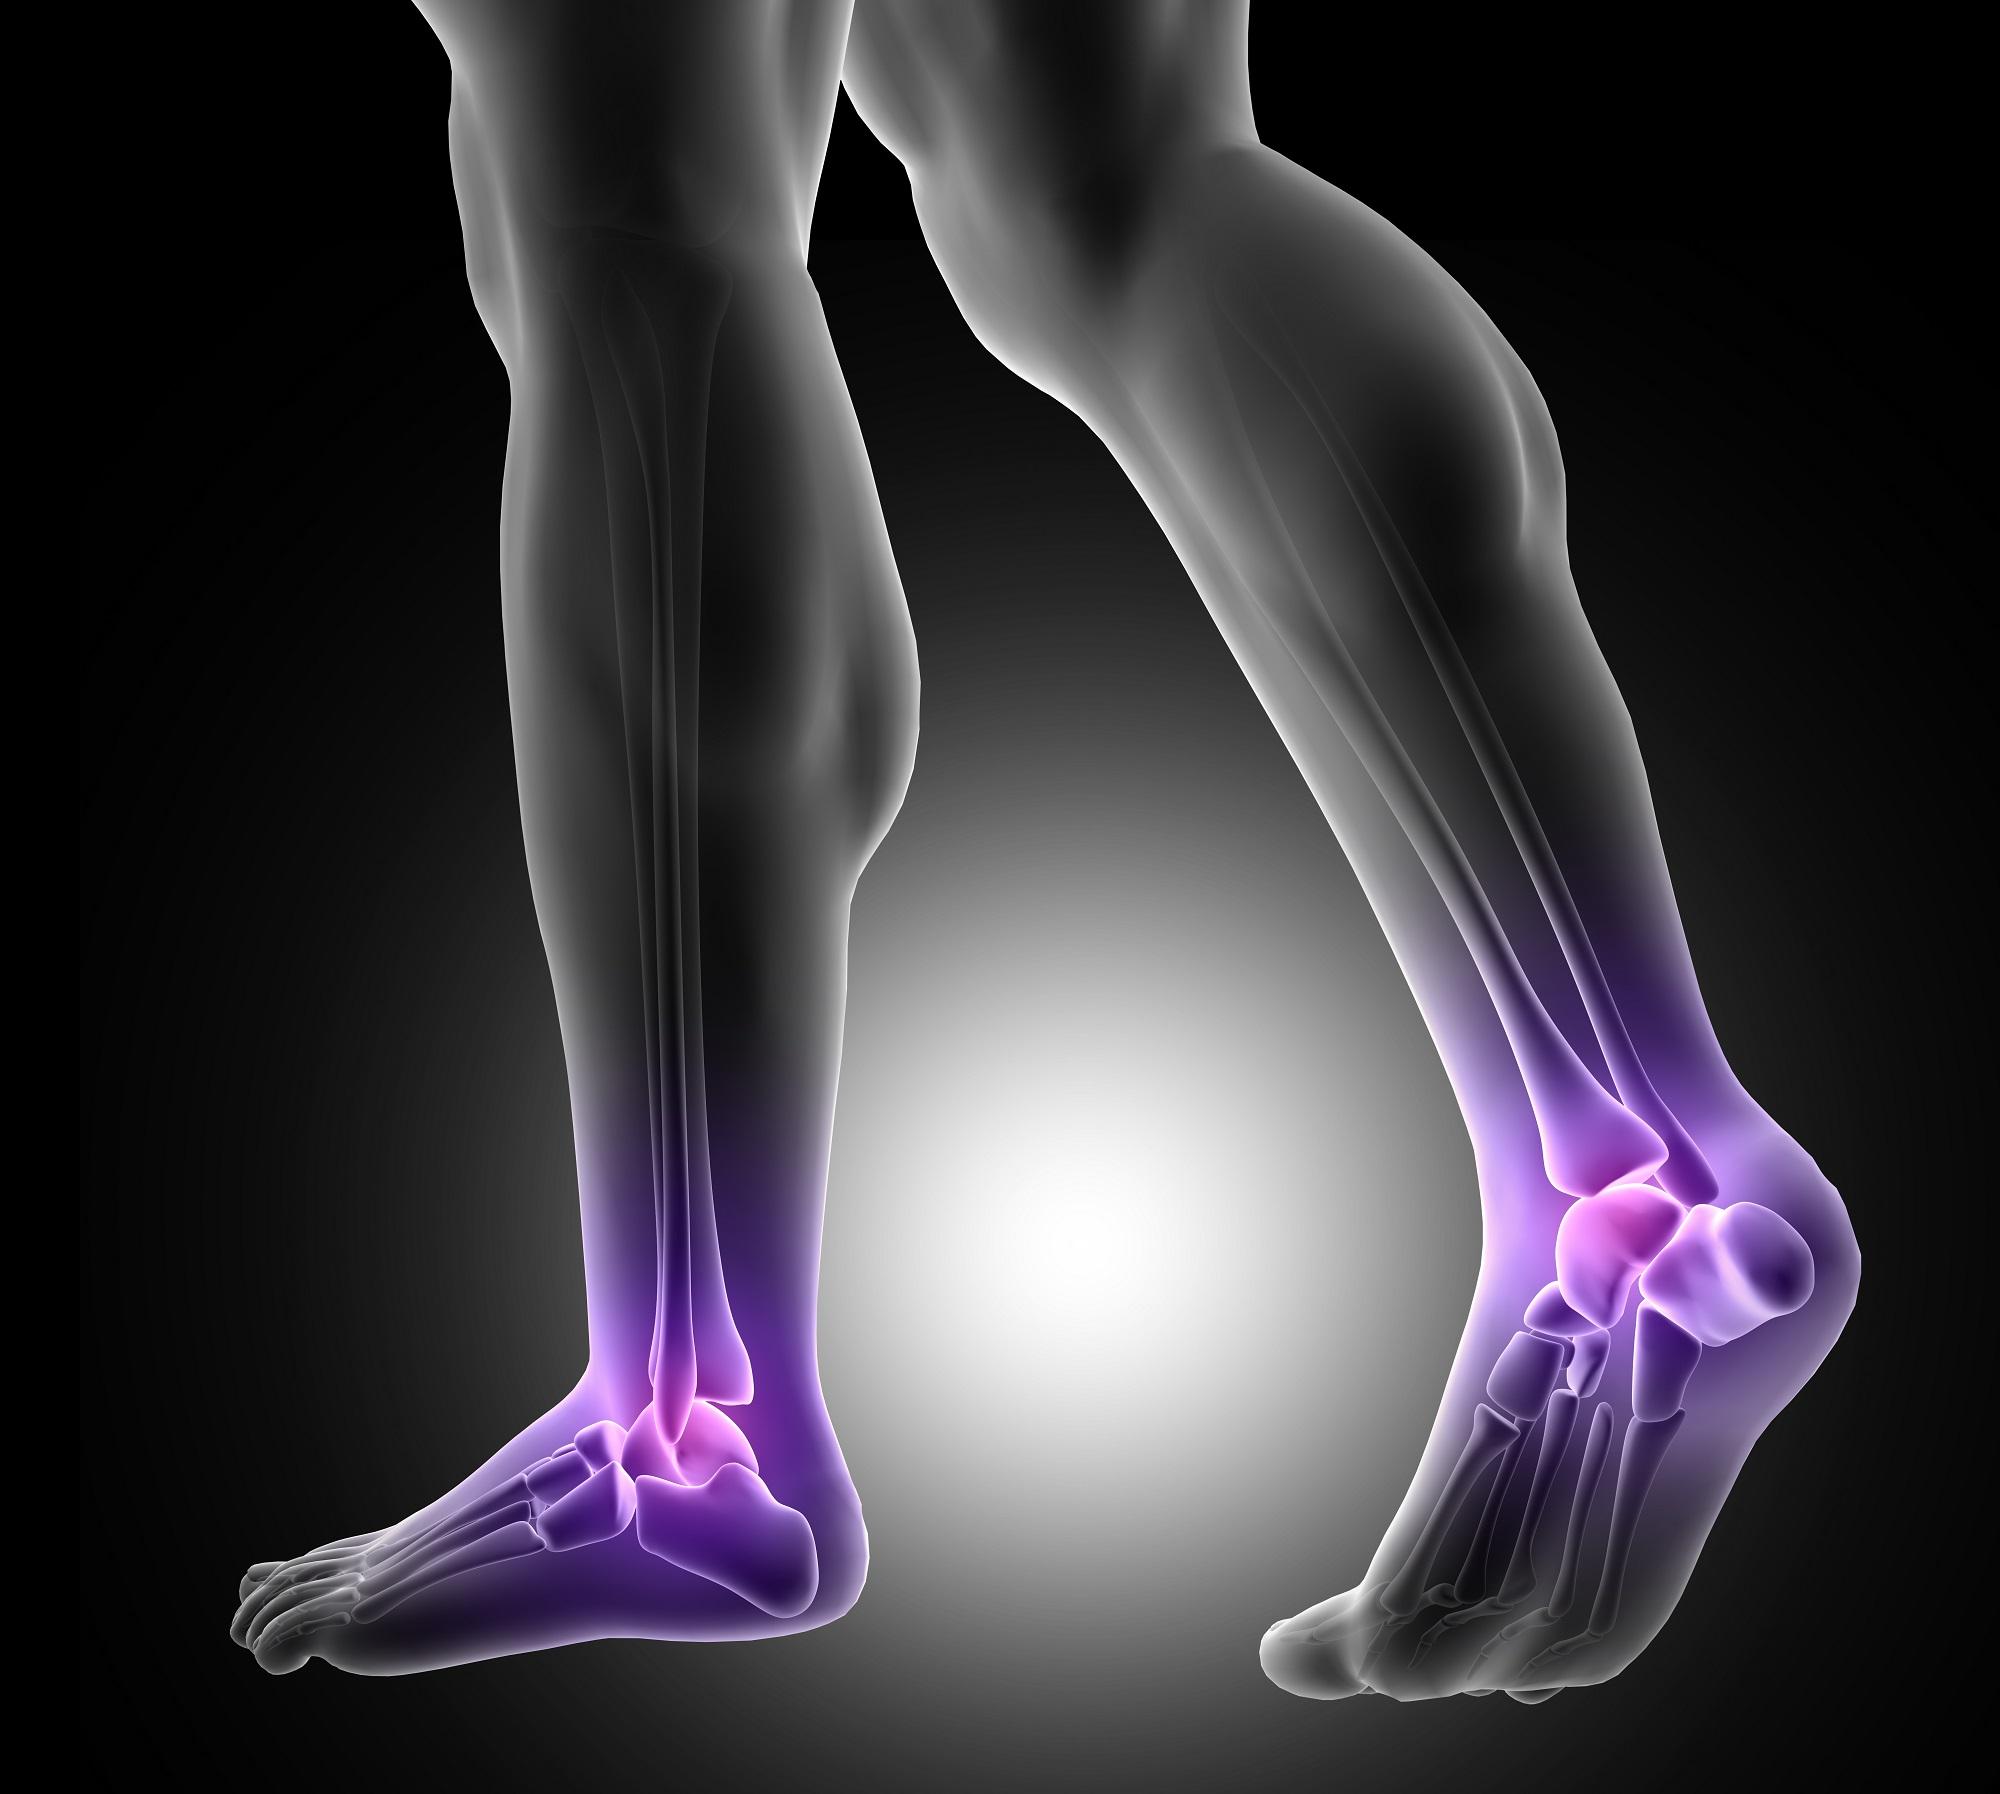 fájdalom az alsó végtagok térdízületeiben ízületi gyulladás és ízületi gyógyítás kezelése